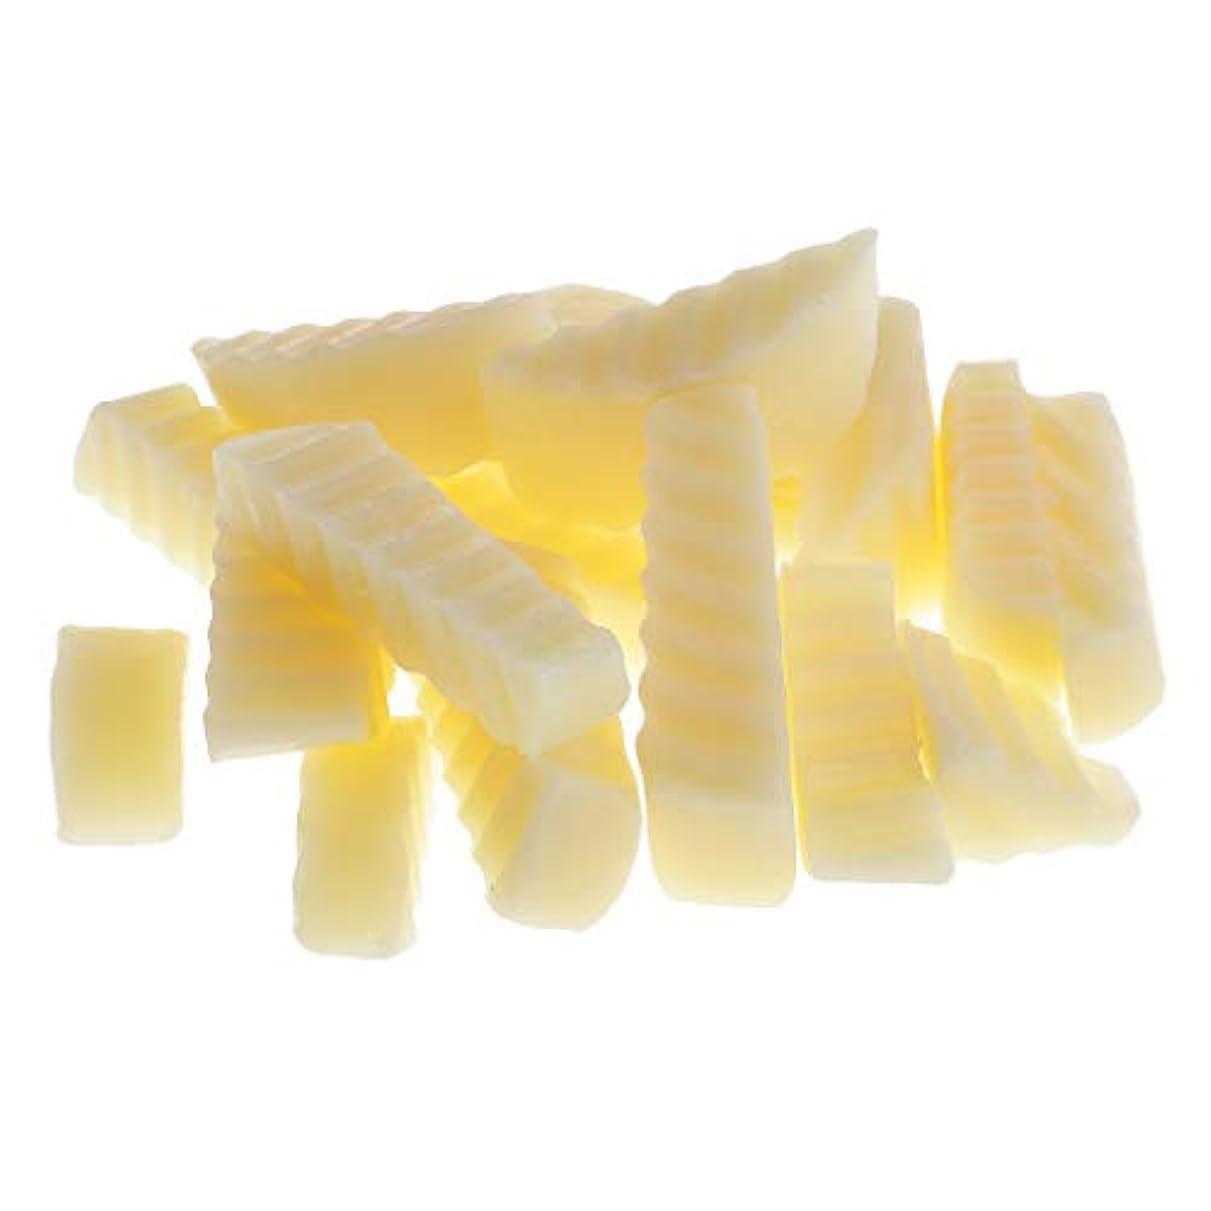 くぼみ項目ポイント約250g /パック ラノリン石鹸 自然な素材 DIY手作り 石鹸 固形せっけん 使いやすい